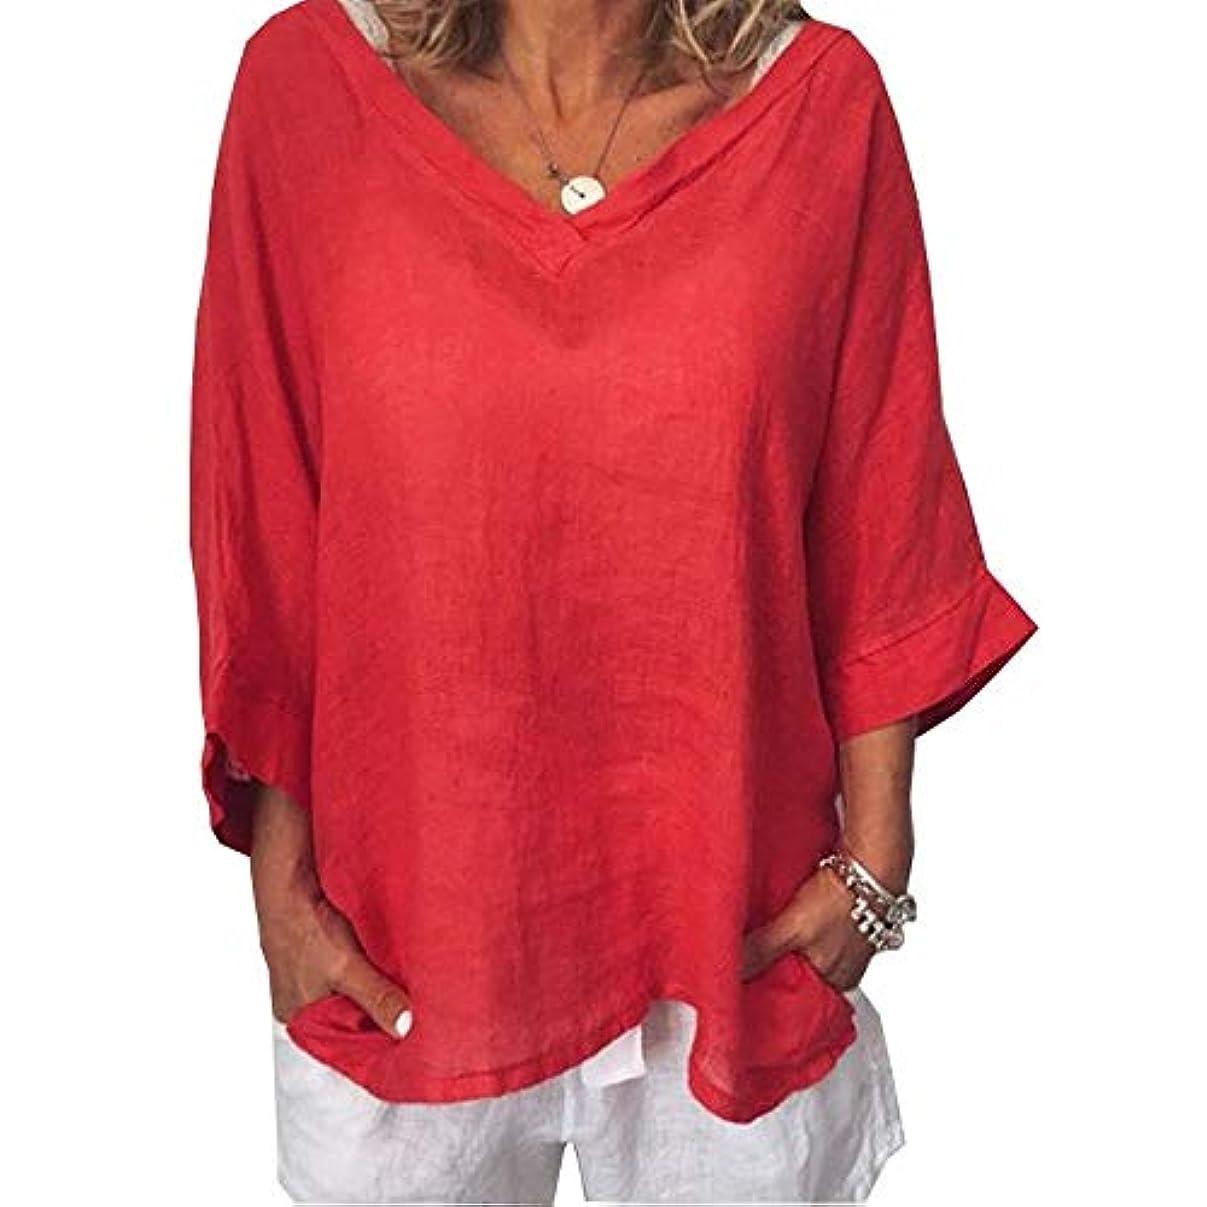 カテゴリー誘導長くするMIFAN女性ファッションカジュアルVネックトップス無地長袖Tシャツルーズボヘミアンビーチウェア